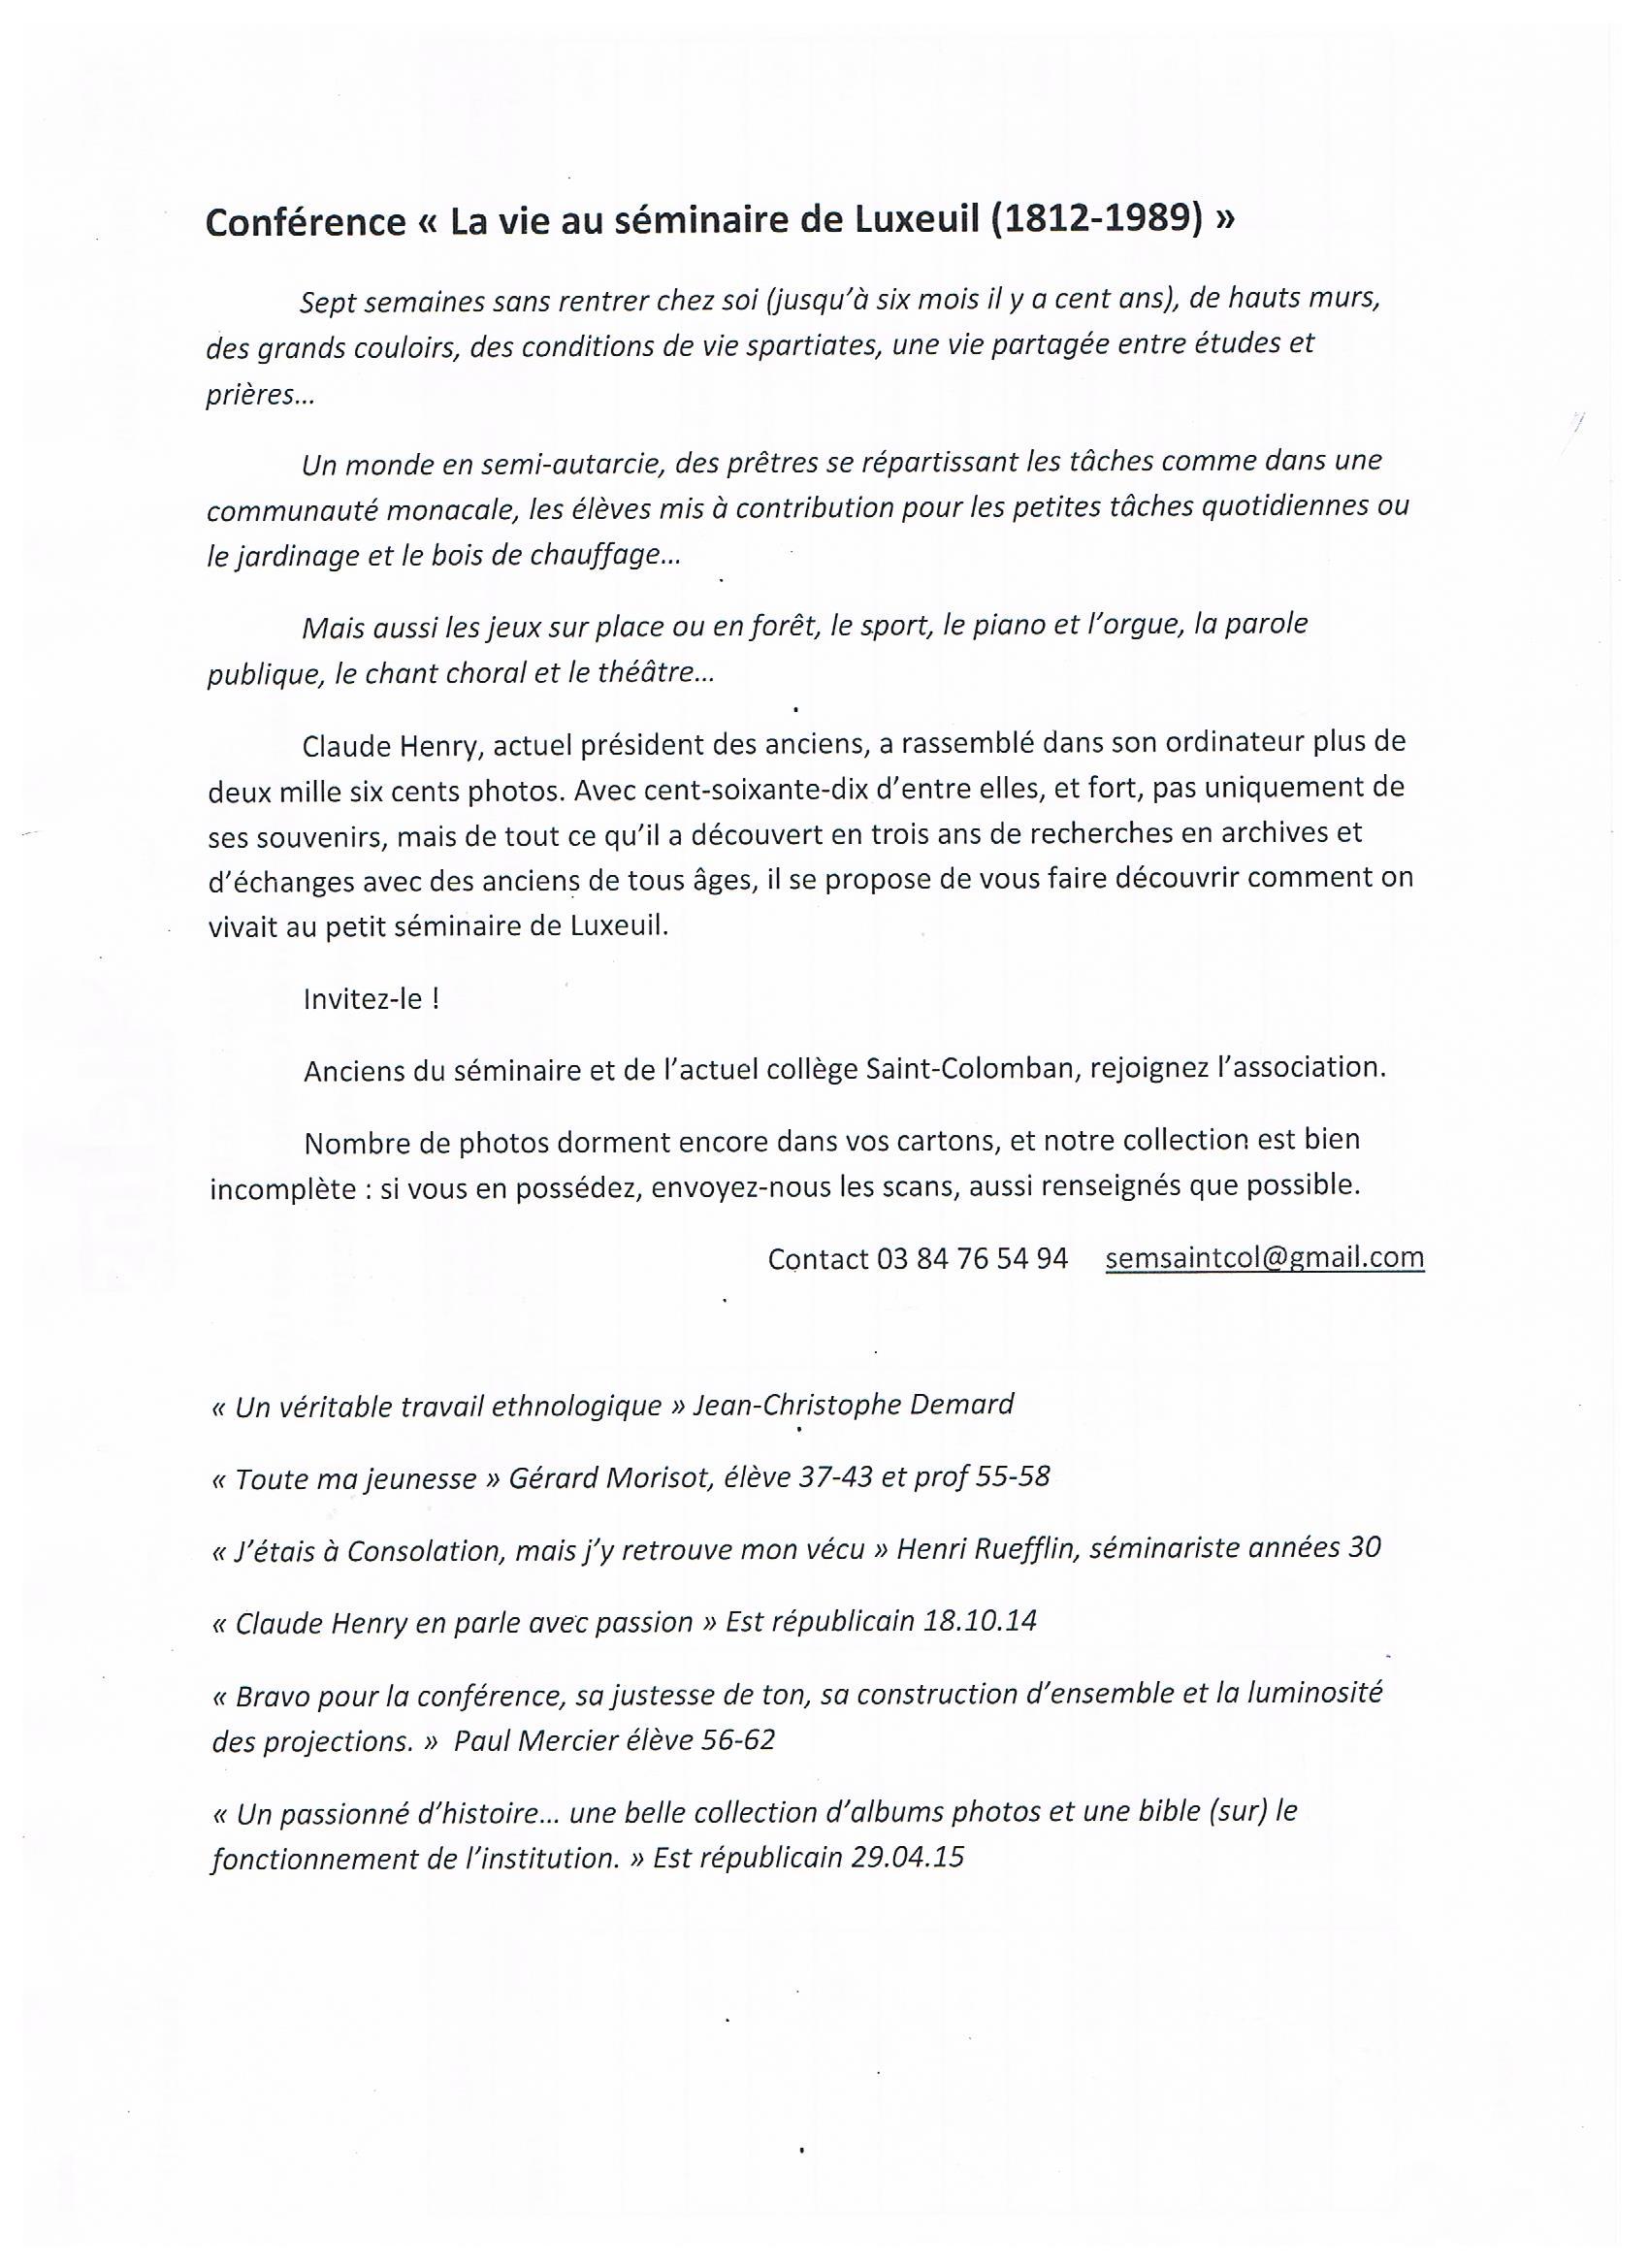 https://www.villers-les-luxeuil.com/projets/villers/files/images/2016_Mairie/Divers_Pour_Site/conf_la_vie_au_seminaire.jpg